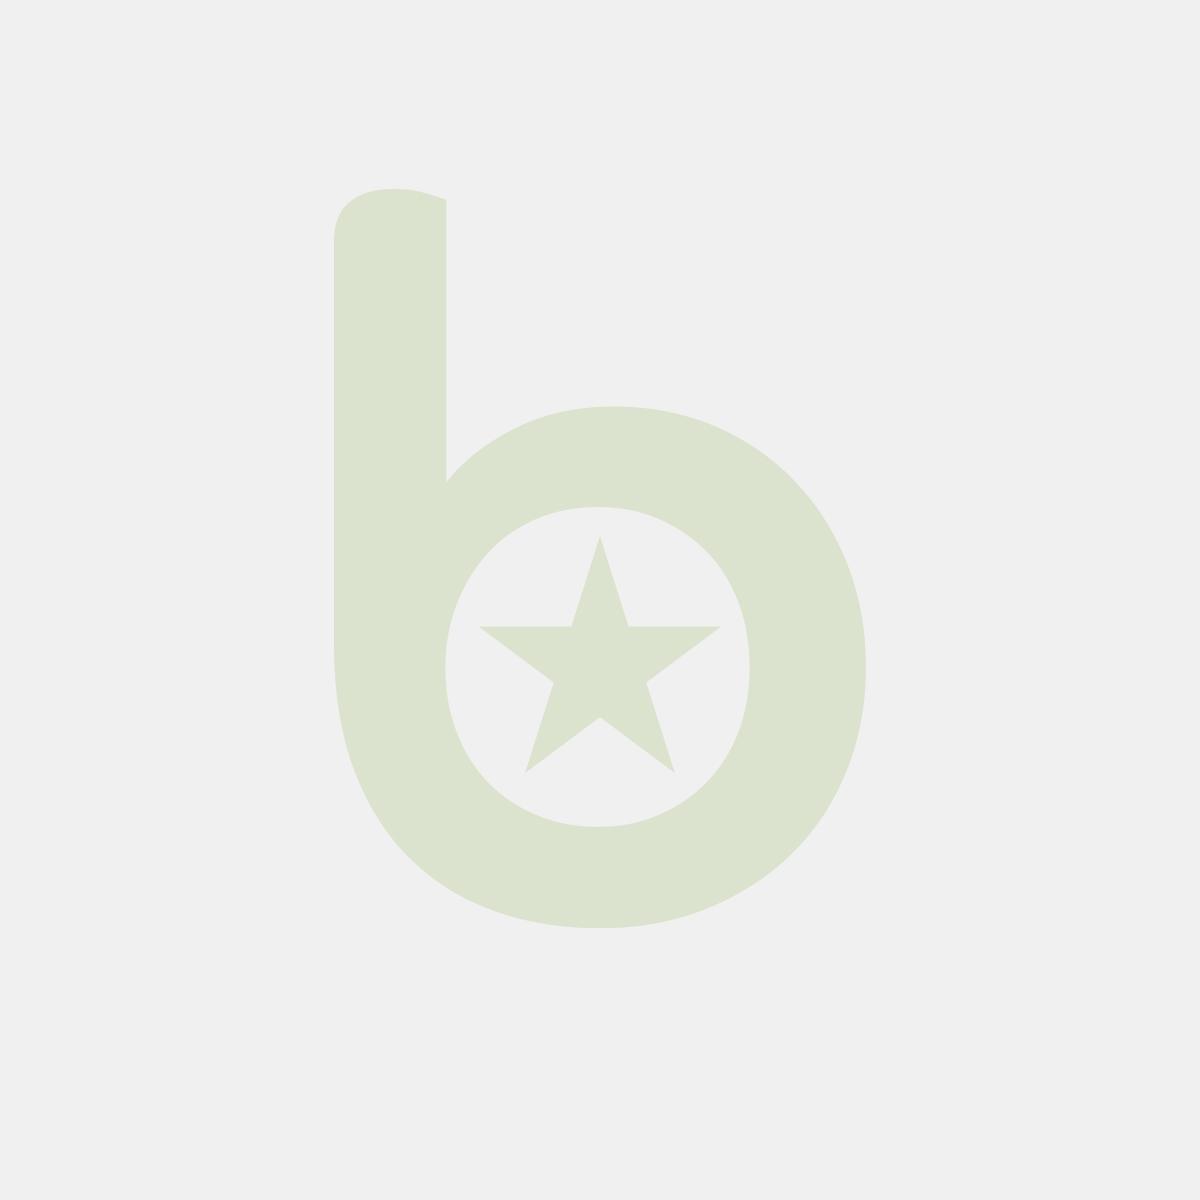 Świece stożkowe 25cm op.50szt morelowe średnica 2,2cm